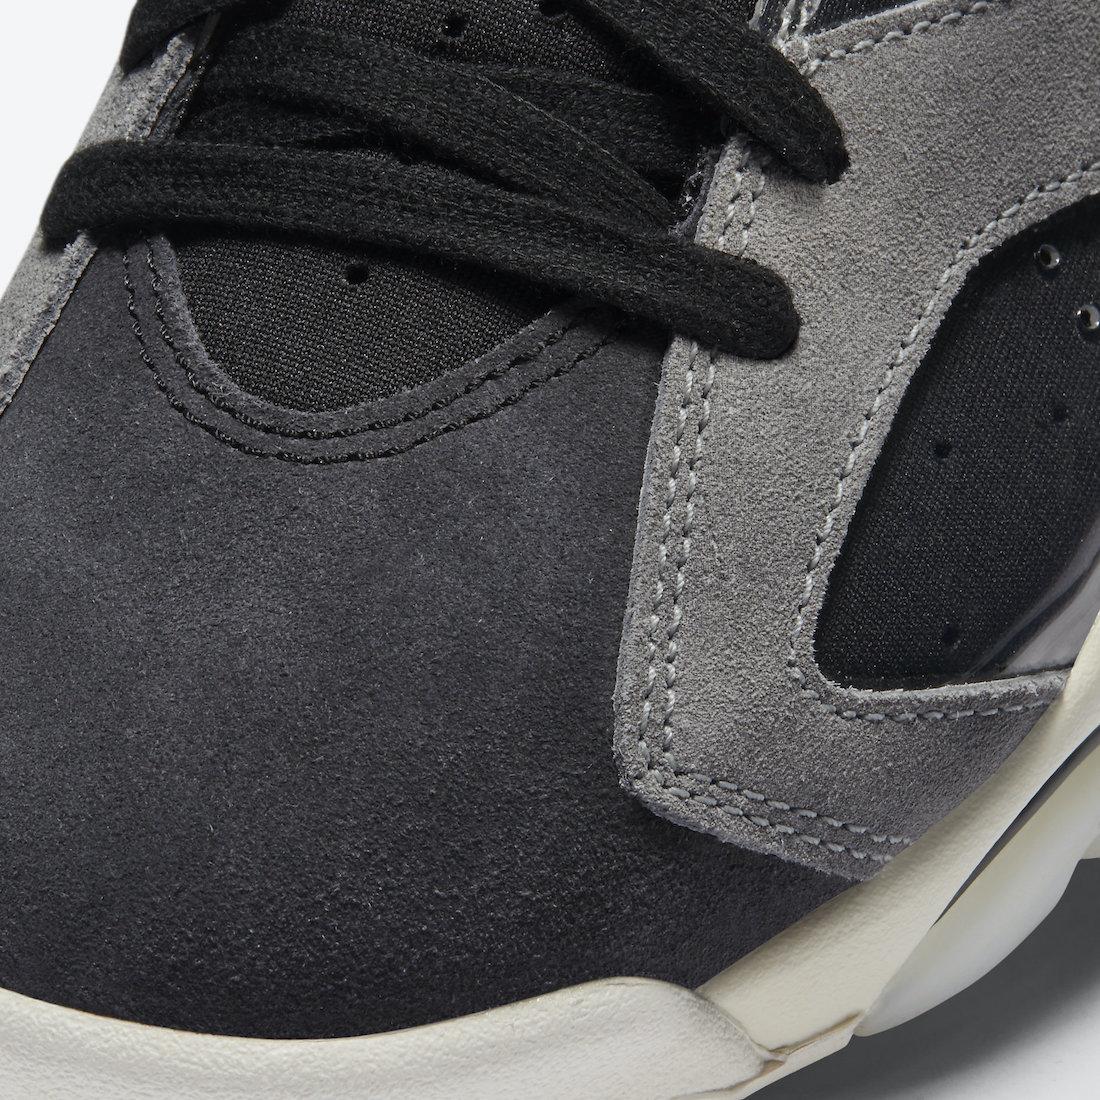 Air-Jordan-6-Smoke-Grey-CK6635-001-Release-Date-6